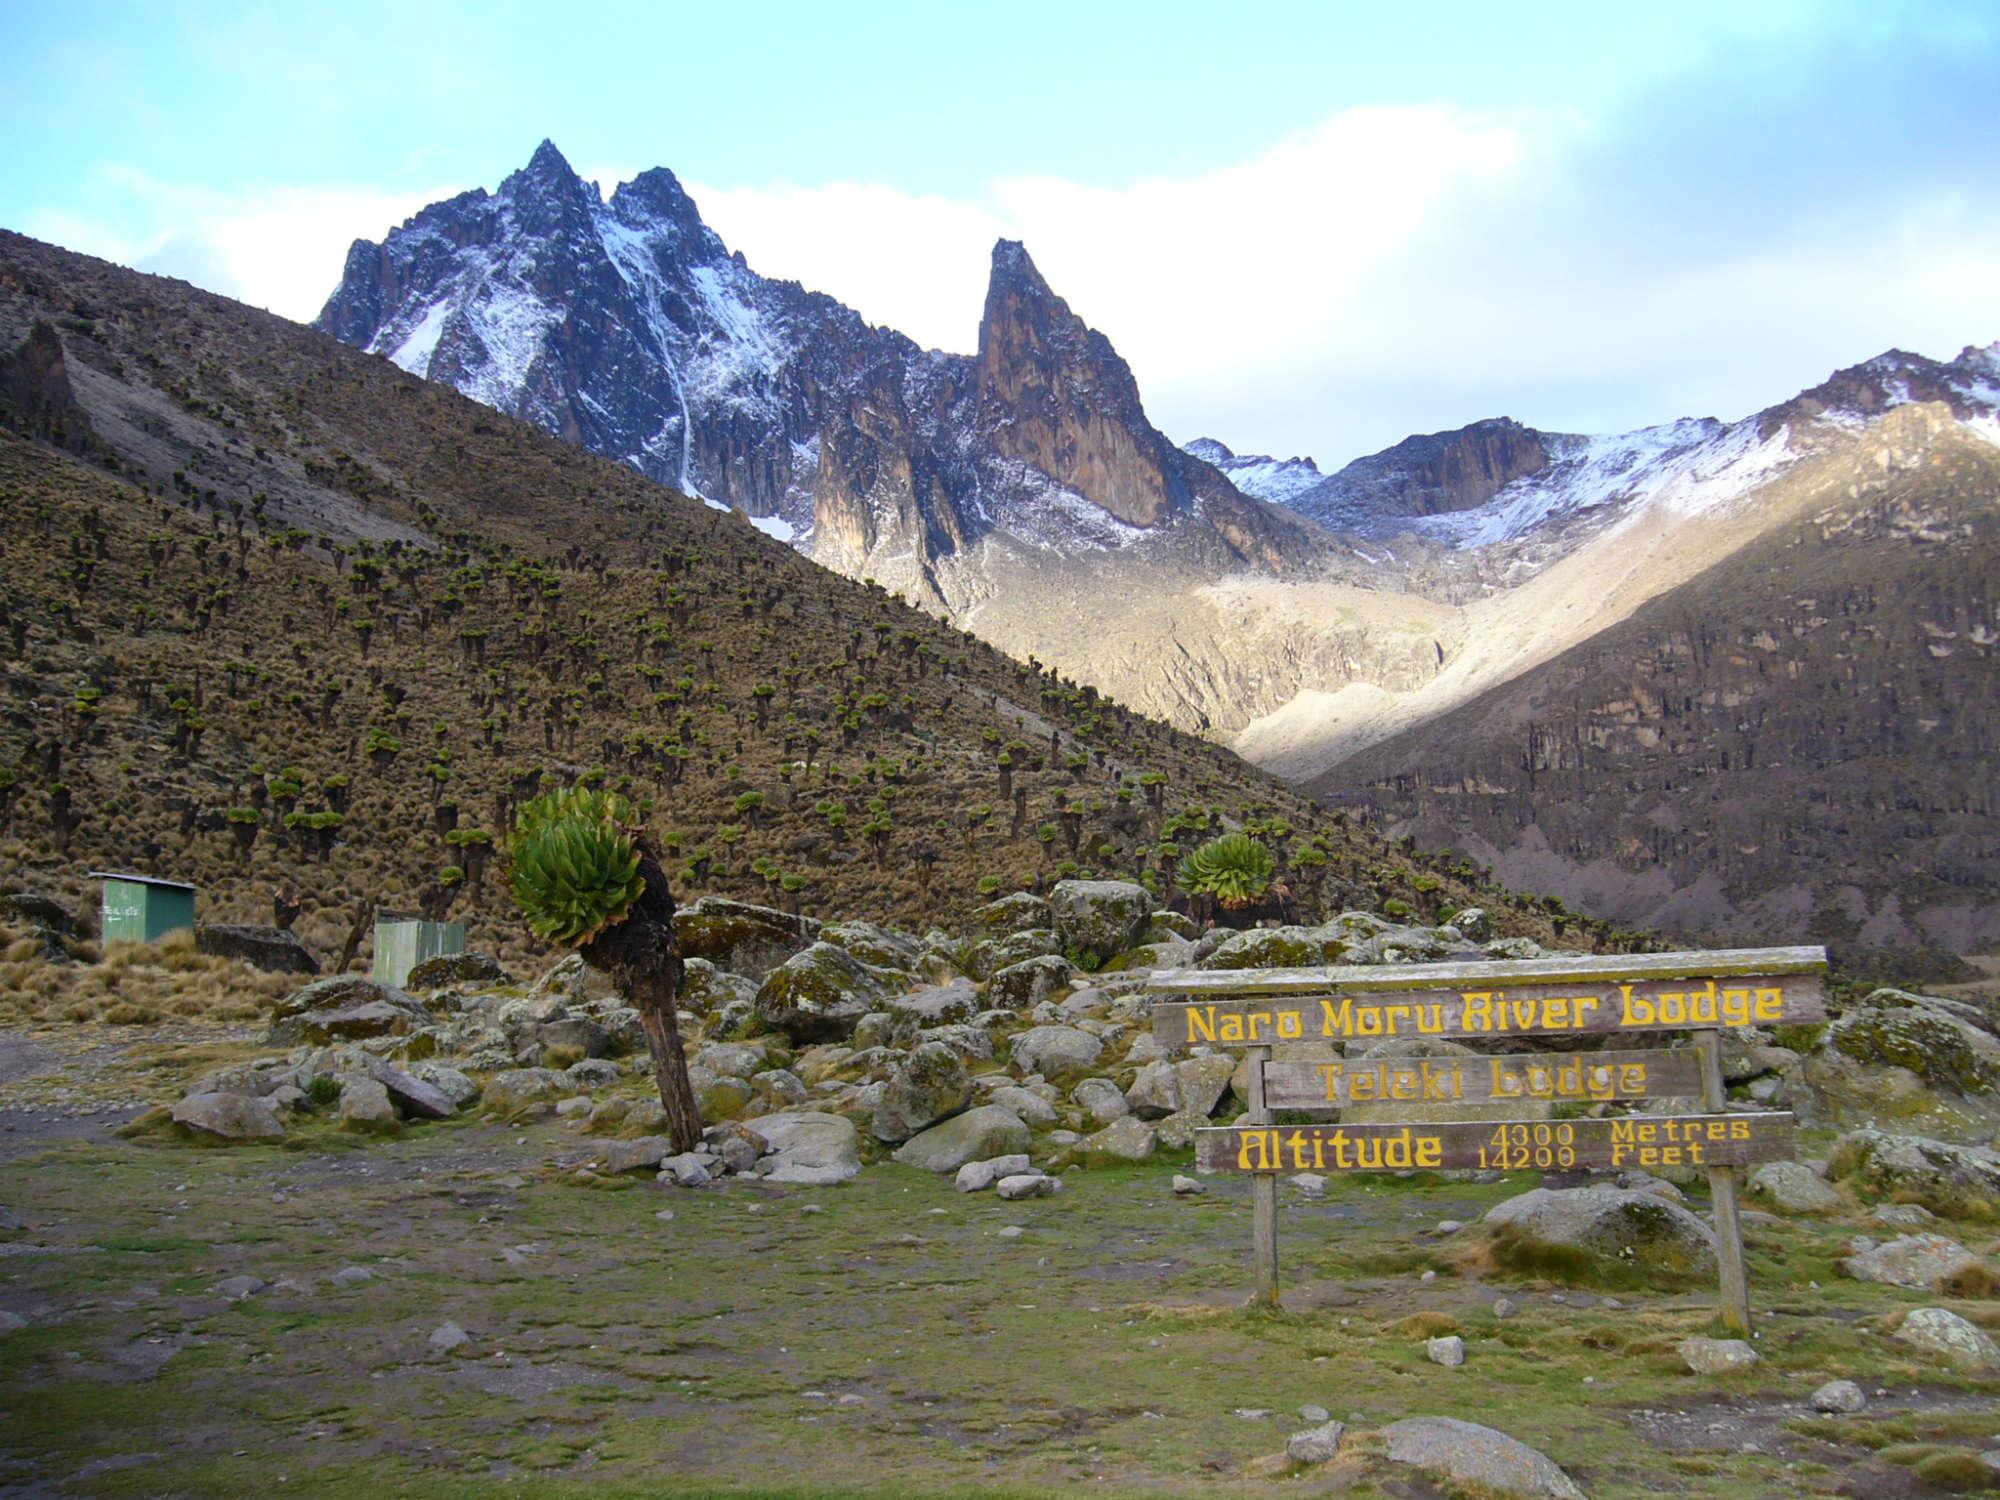 ケニア山とキリマンジャロ登頂14日間